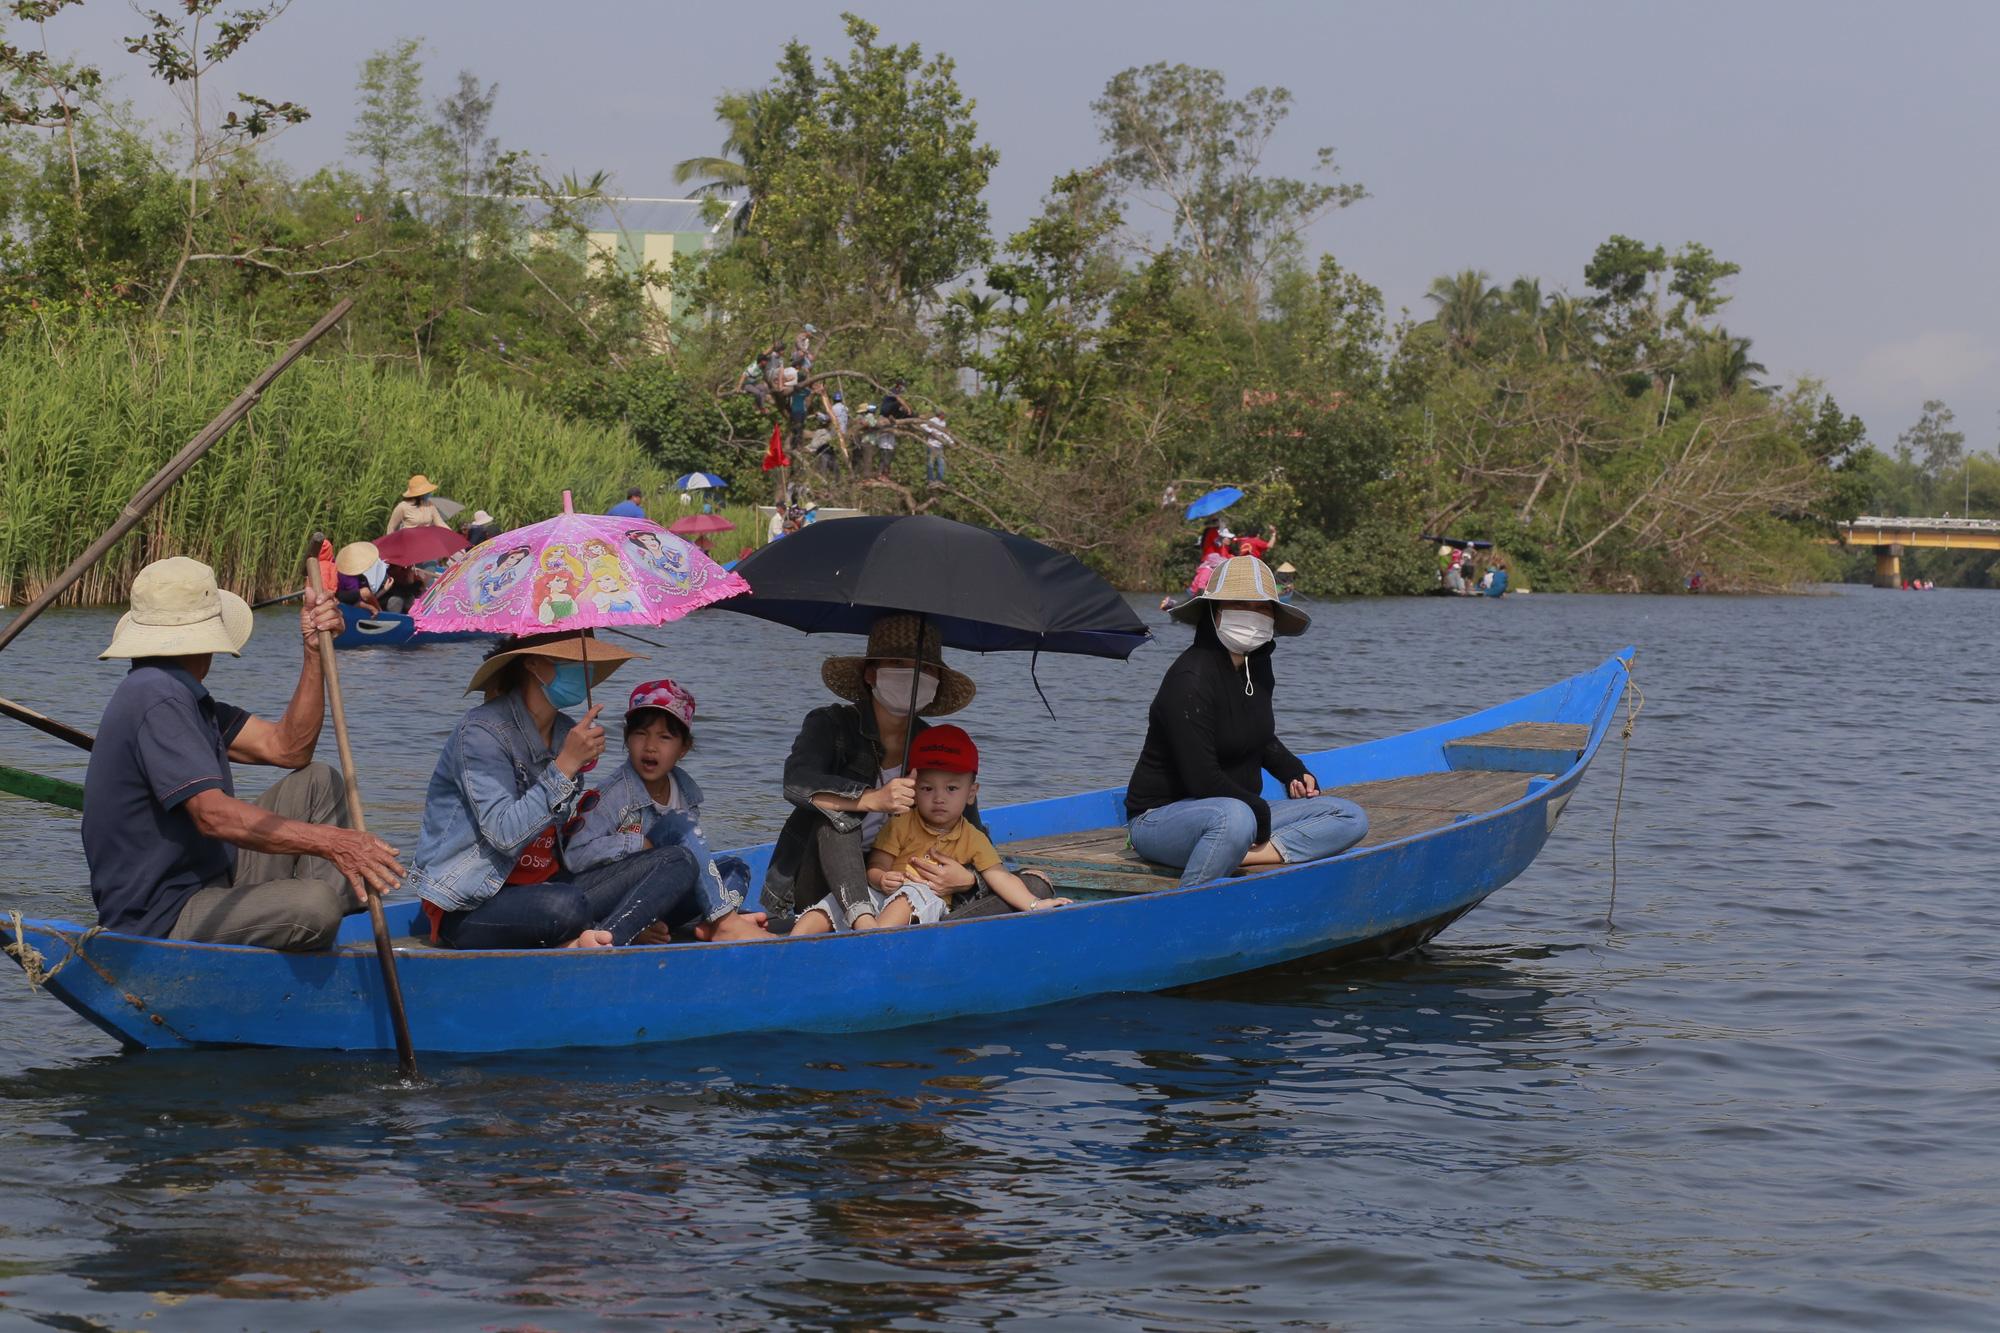 Quảng Nam: Trèo cây, leo nóc nhà để xem đua thuyền ở Tam Kỳ - Ảnh 12.